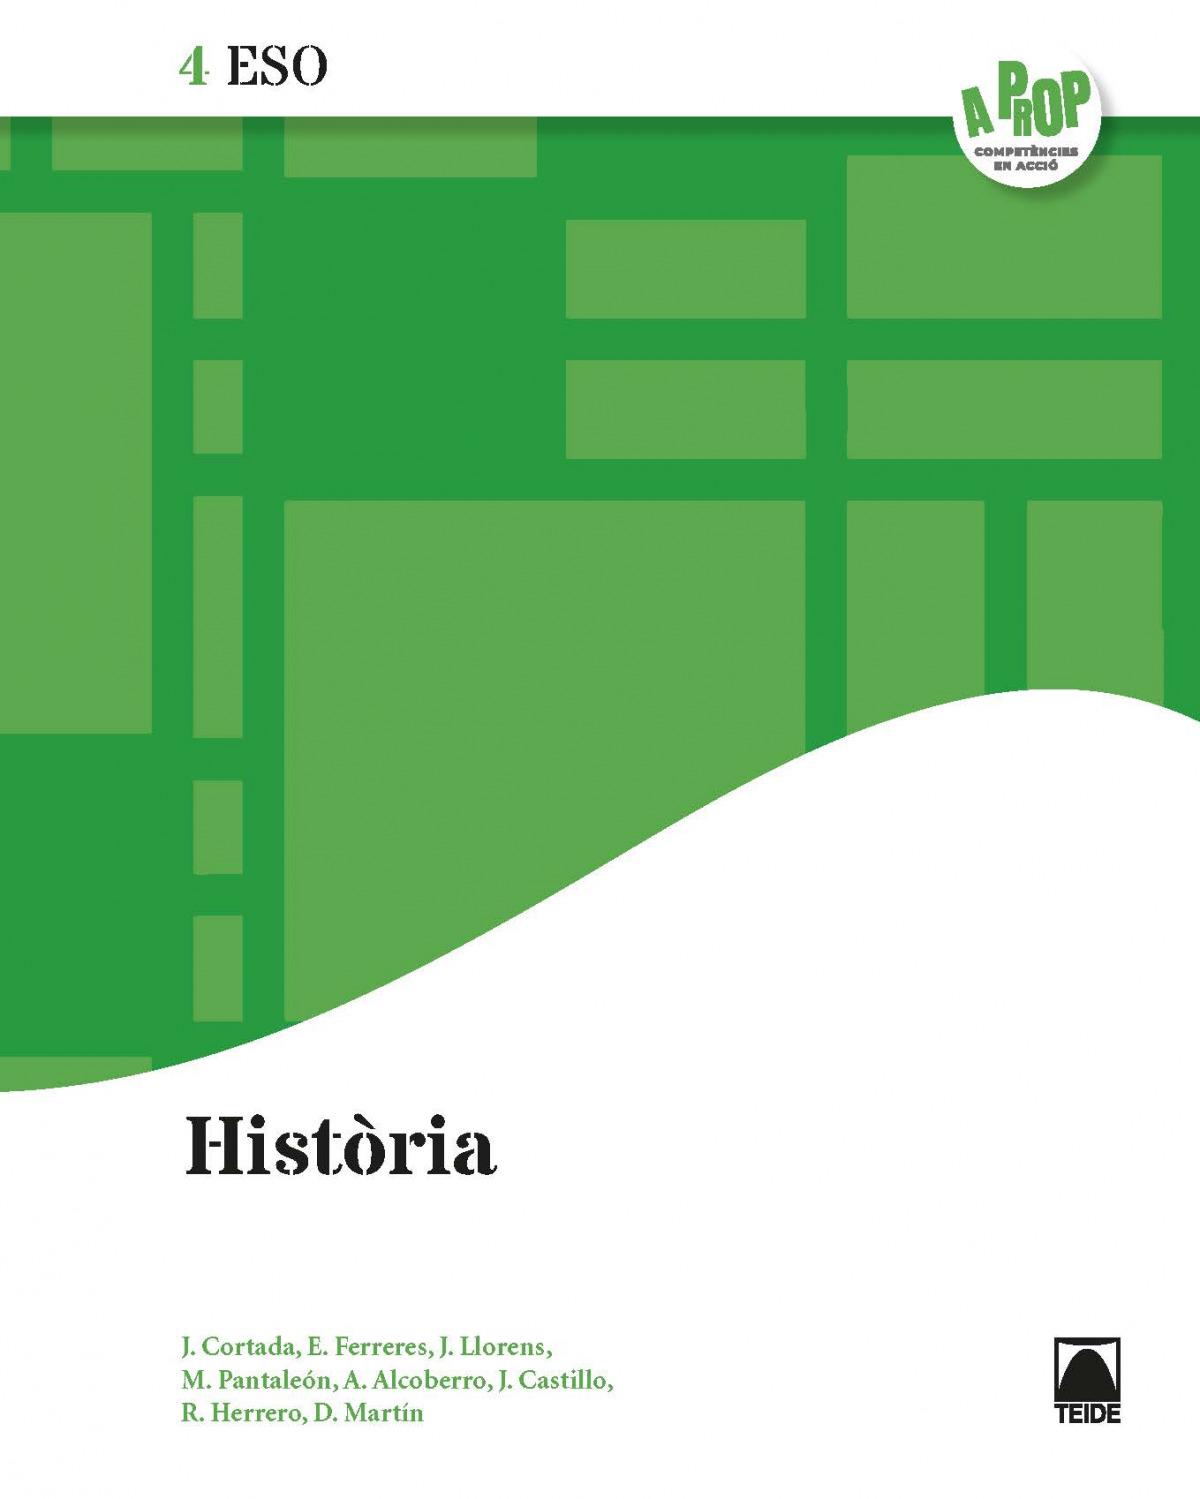 Història 4 ESO - A prop